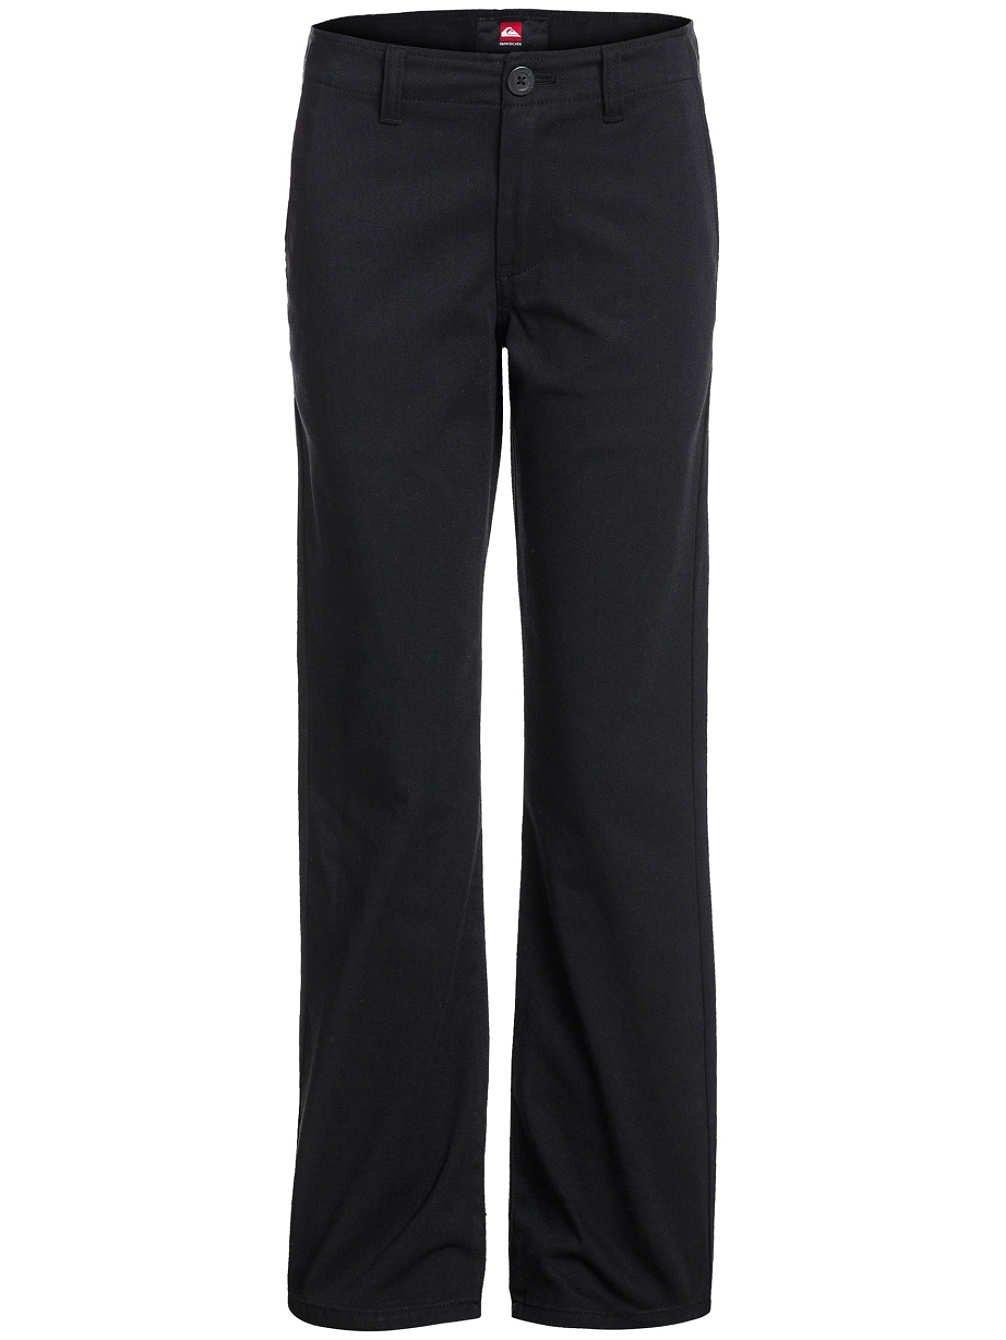 QUICKSILVE Pantalones EQBNP03010-KVJ0